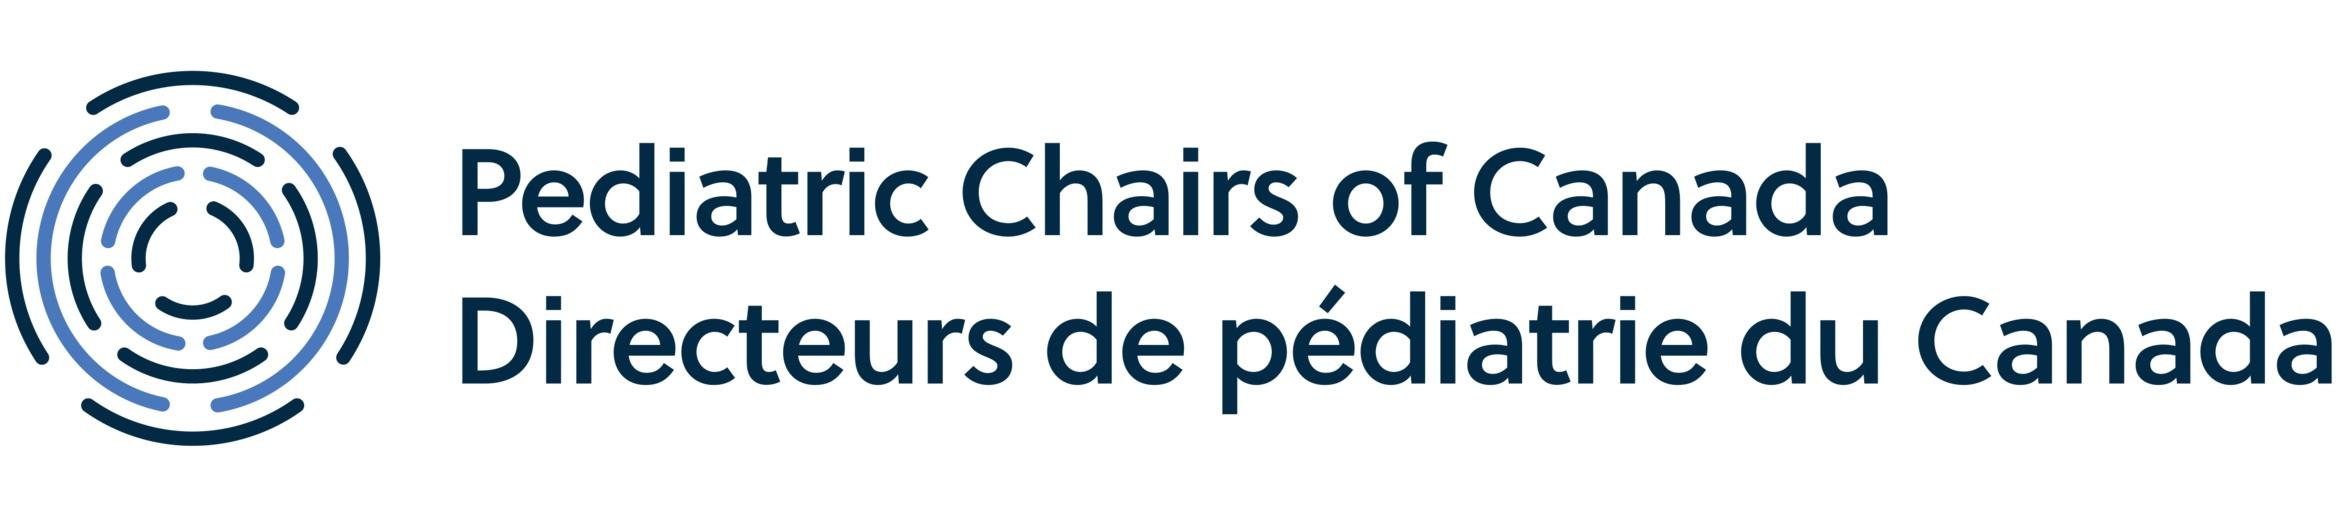 PCC_Logo_ENFR_300.jpg